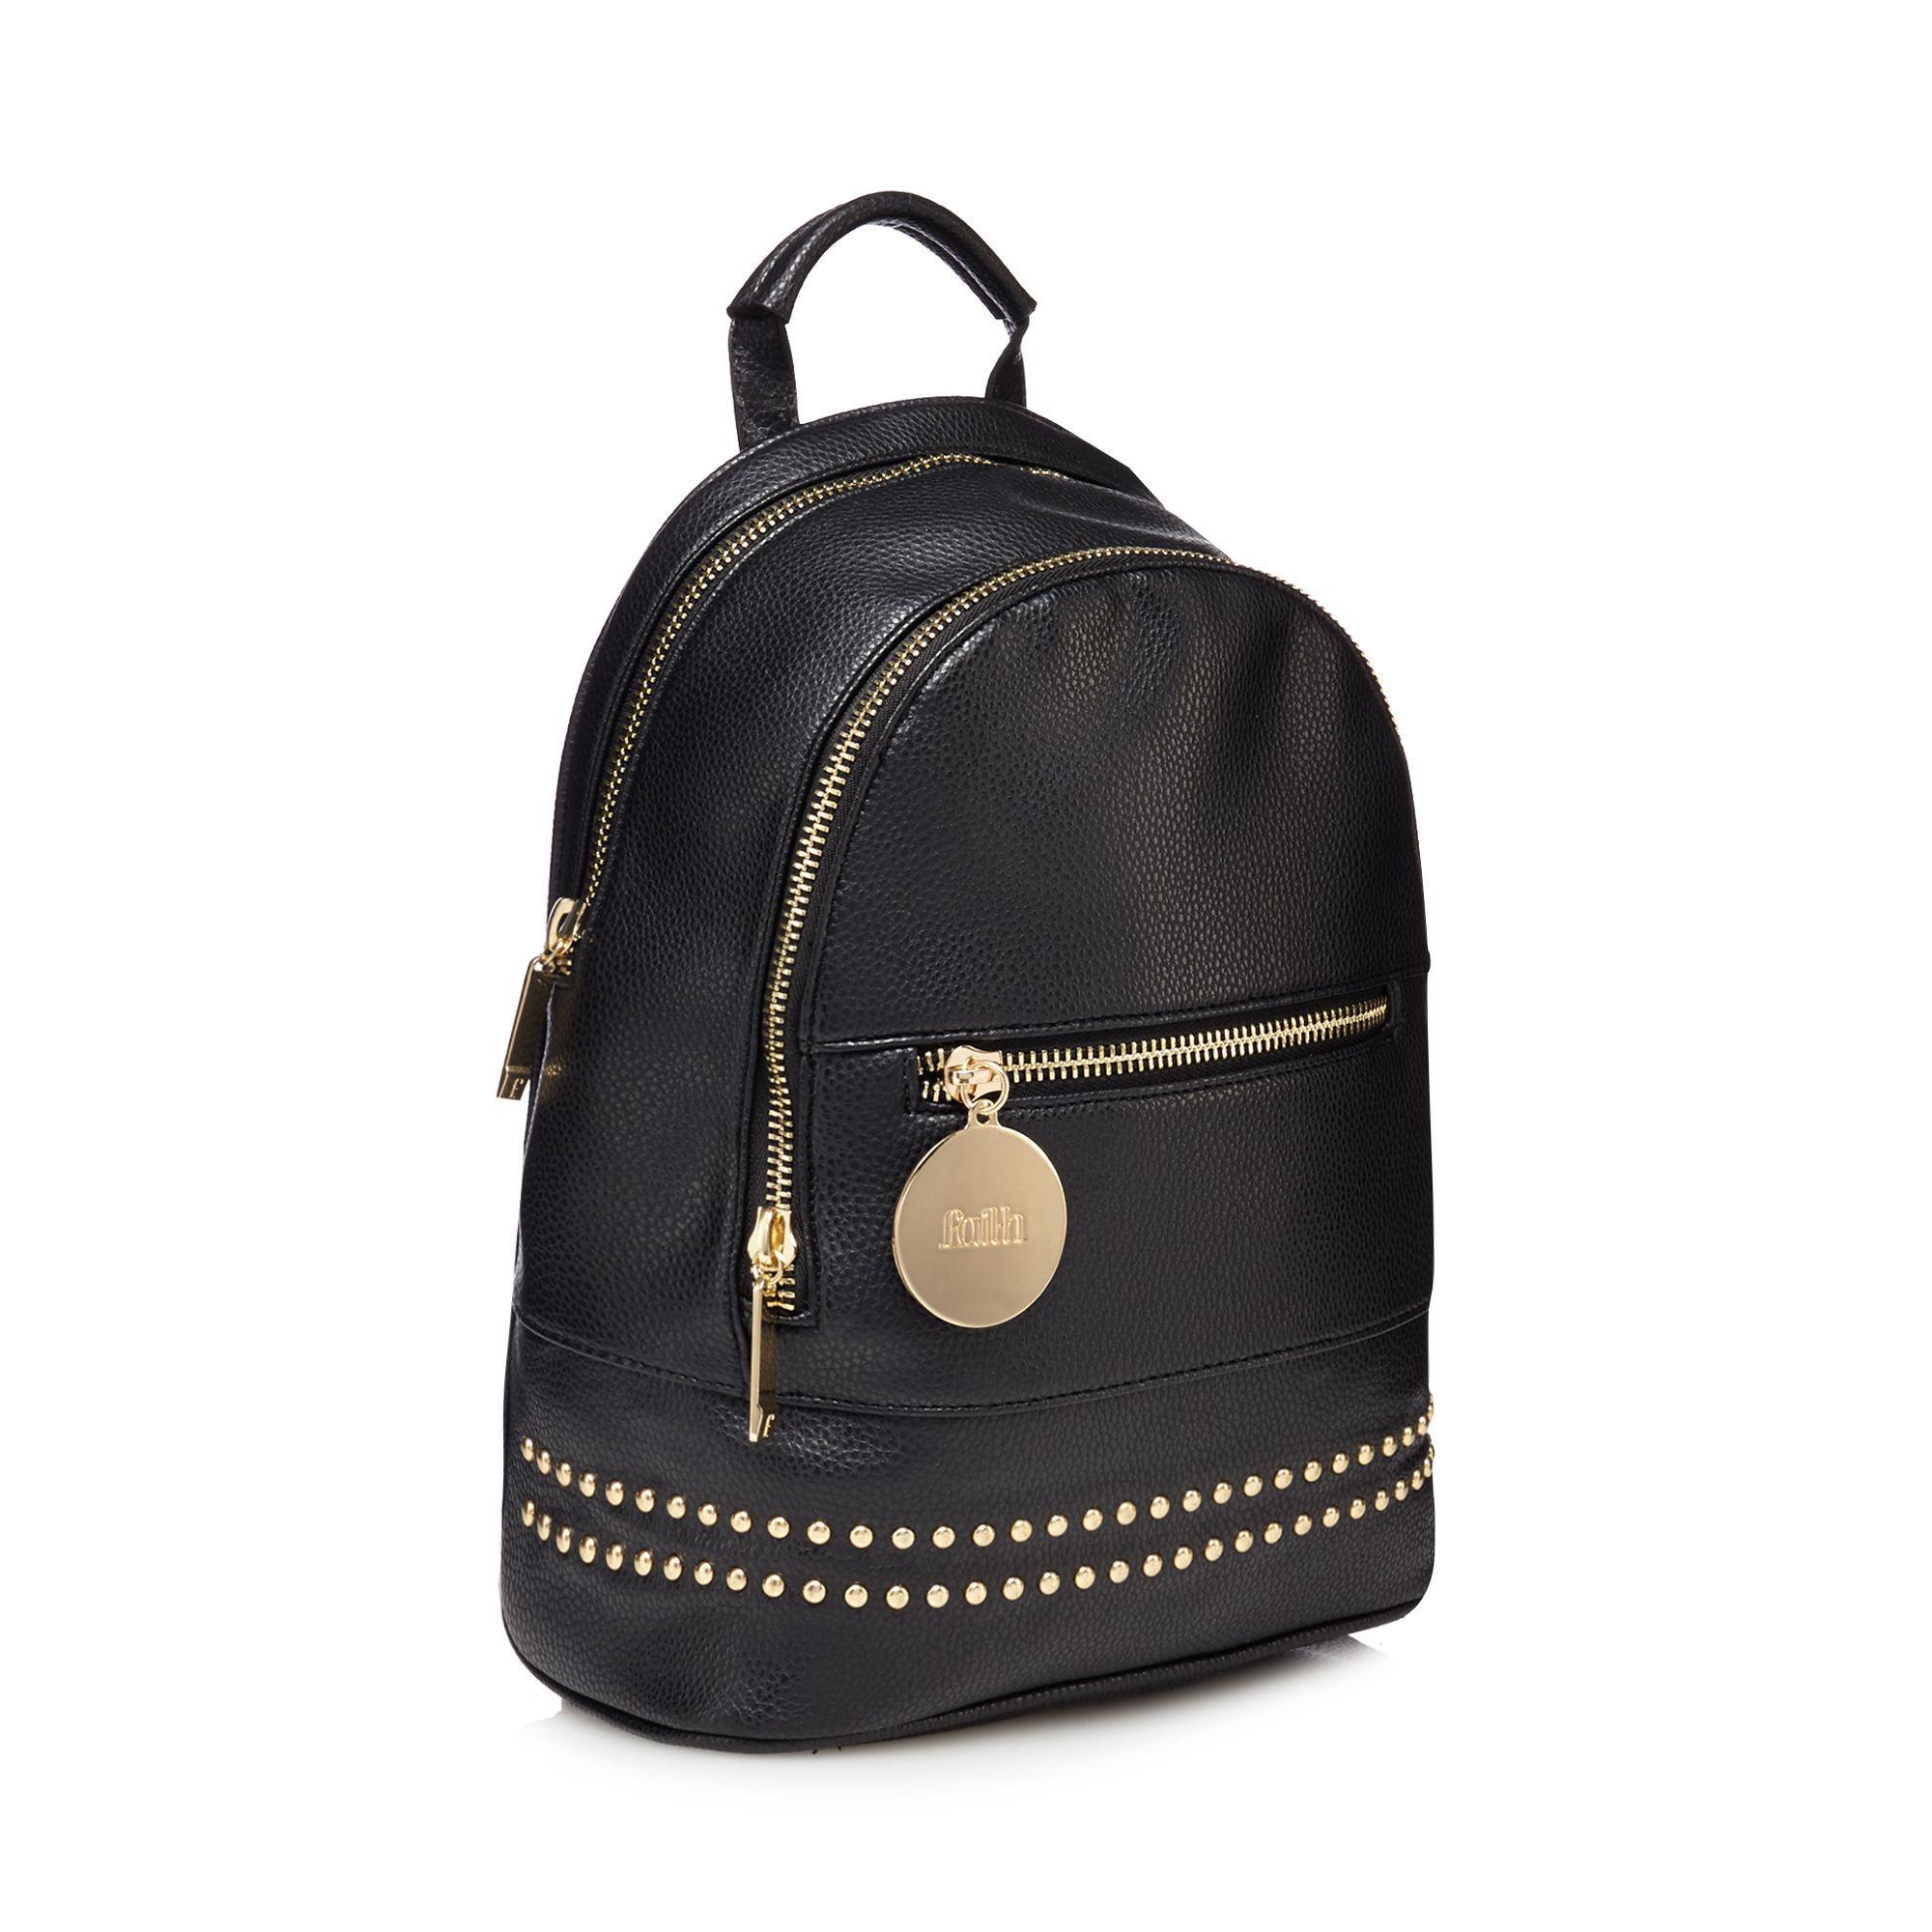 Faith Leather Black Studded Backpack